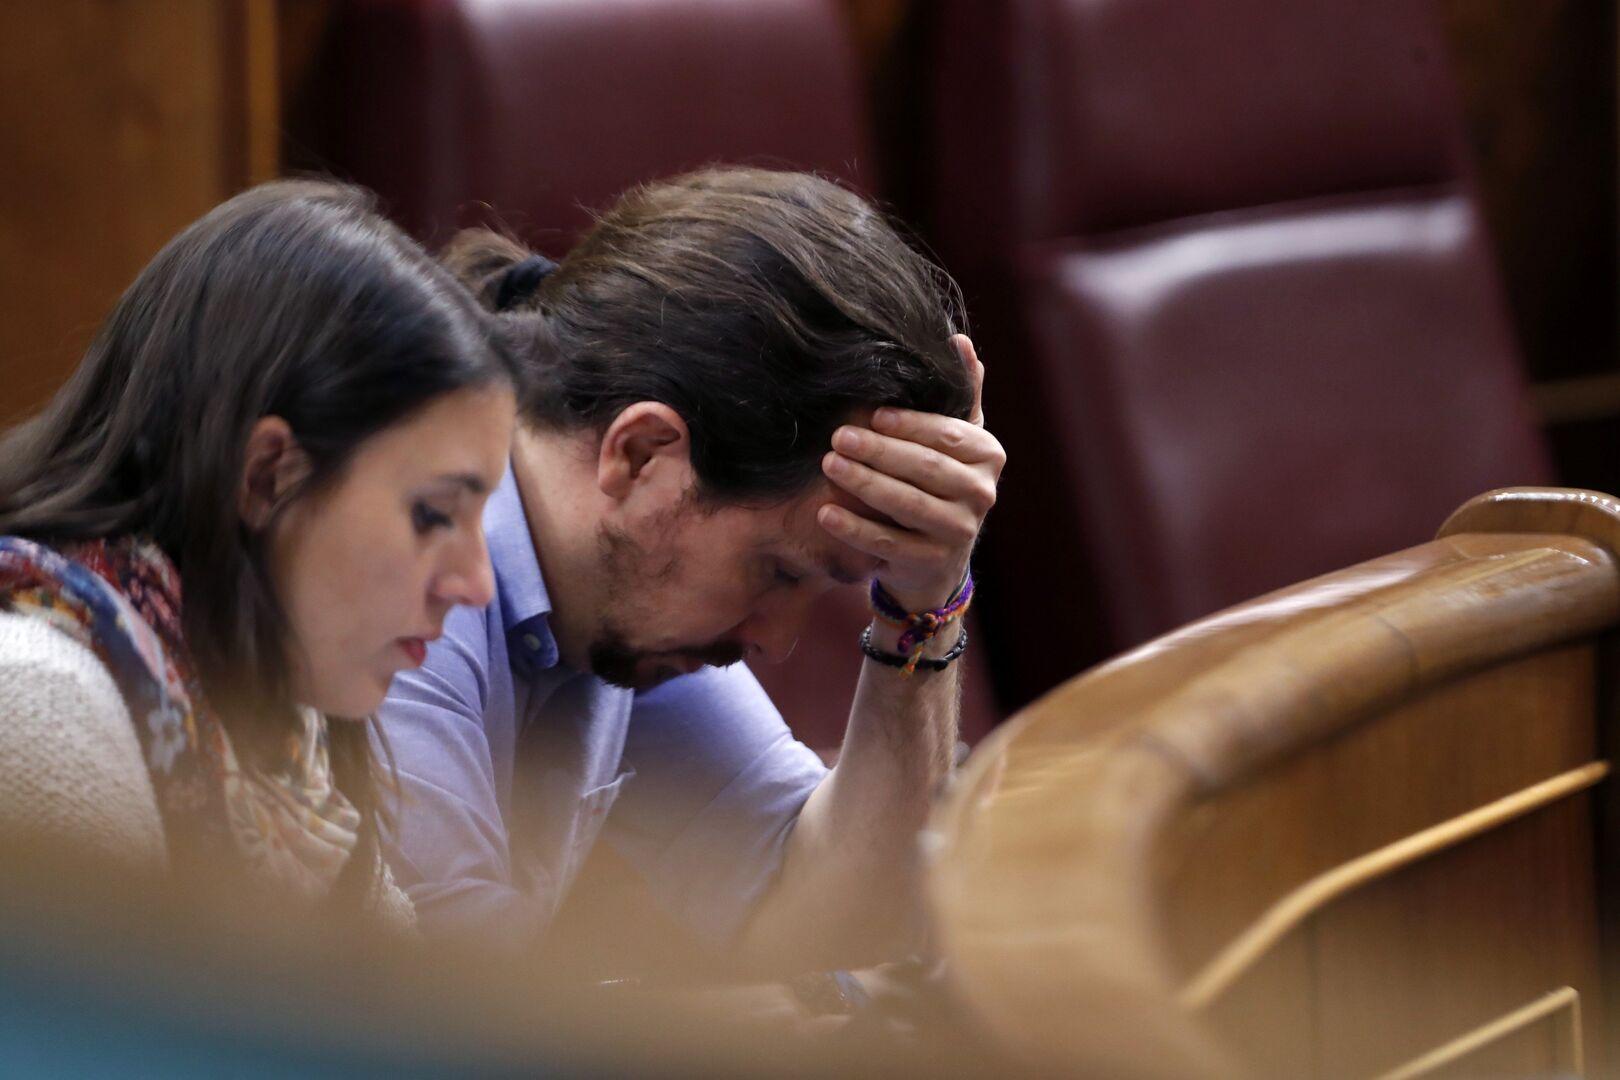 Cuánto Cobran Realmente Pablo Iglesias E Irene Montero Ingresarán Unos 12 000 Euros Al Mes Libre Mercado